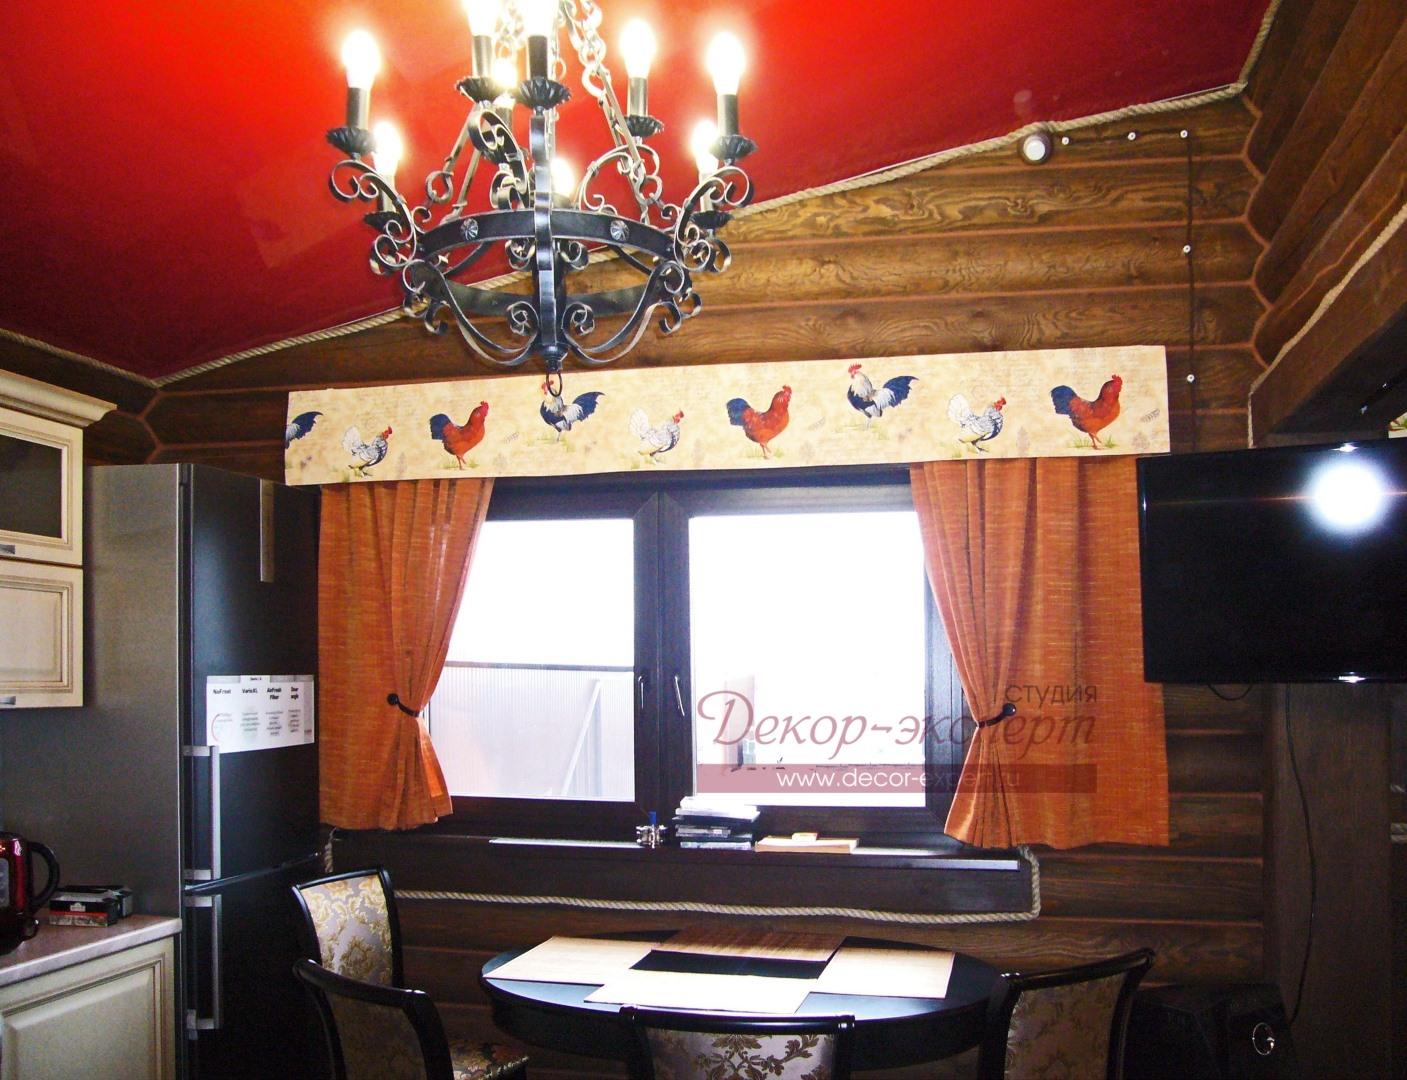 Шторы для охотничьего домика в кухонной зоне выполнены в деревенском стиле.